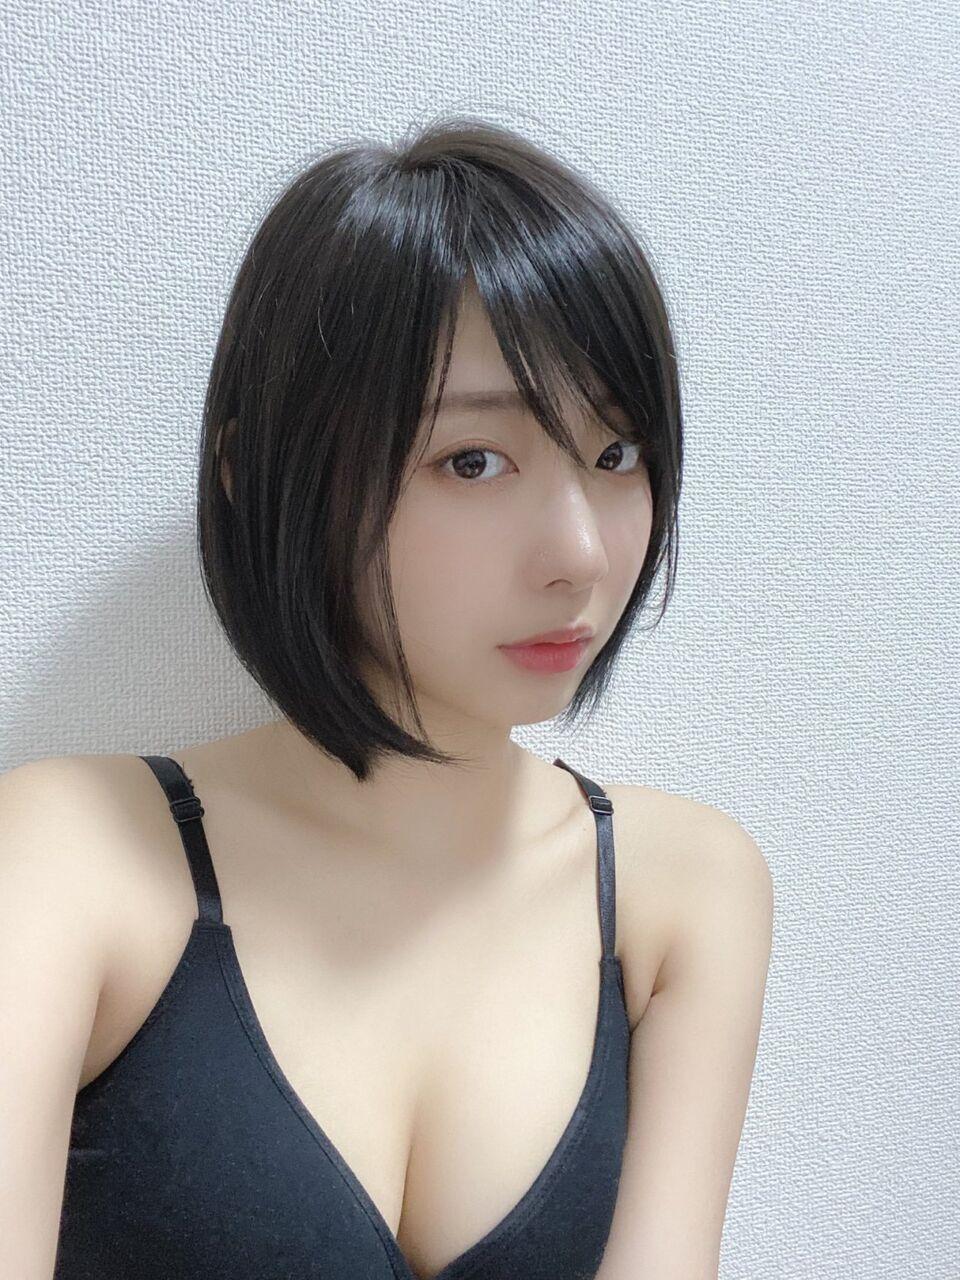 【美女】水湊みお、ふわり〇〇で魅了!マジ可愛すぎぃぃぃぃぃぃ!